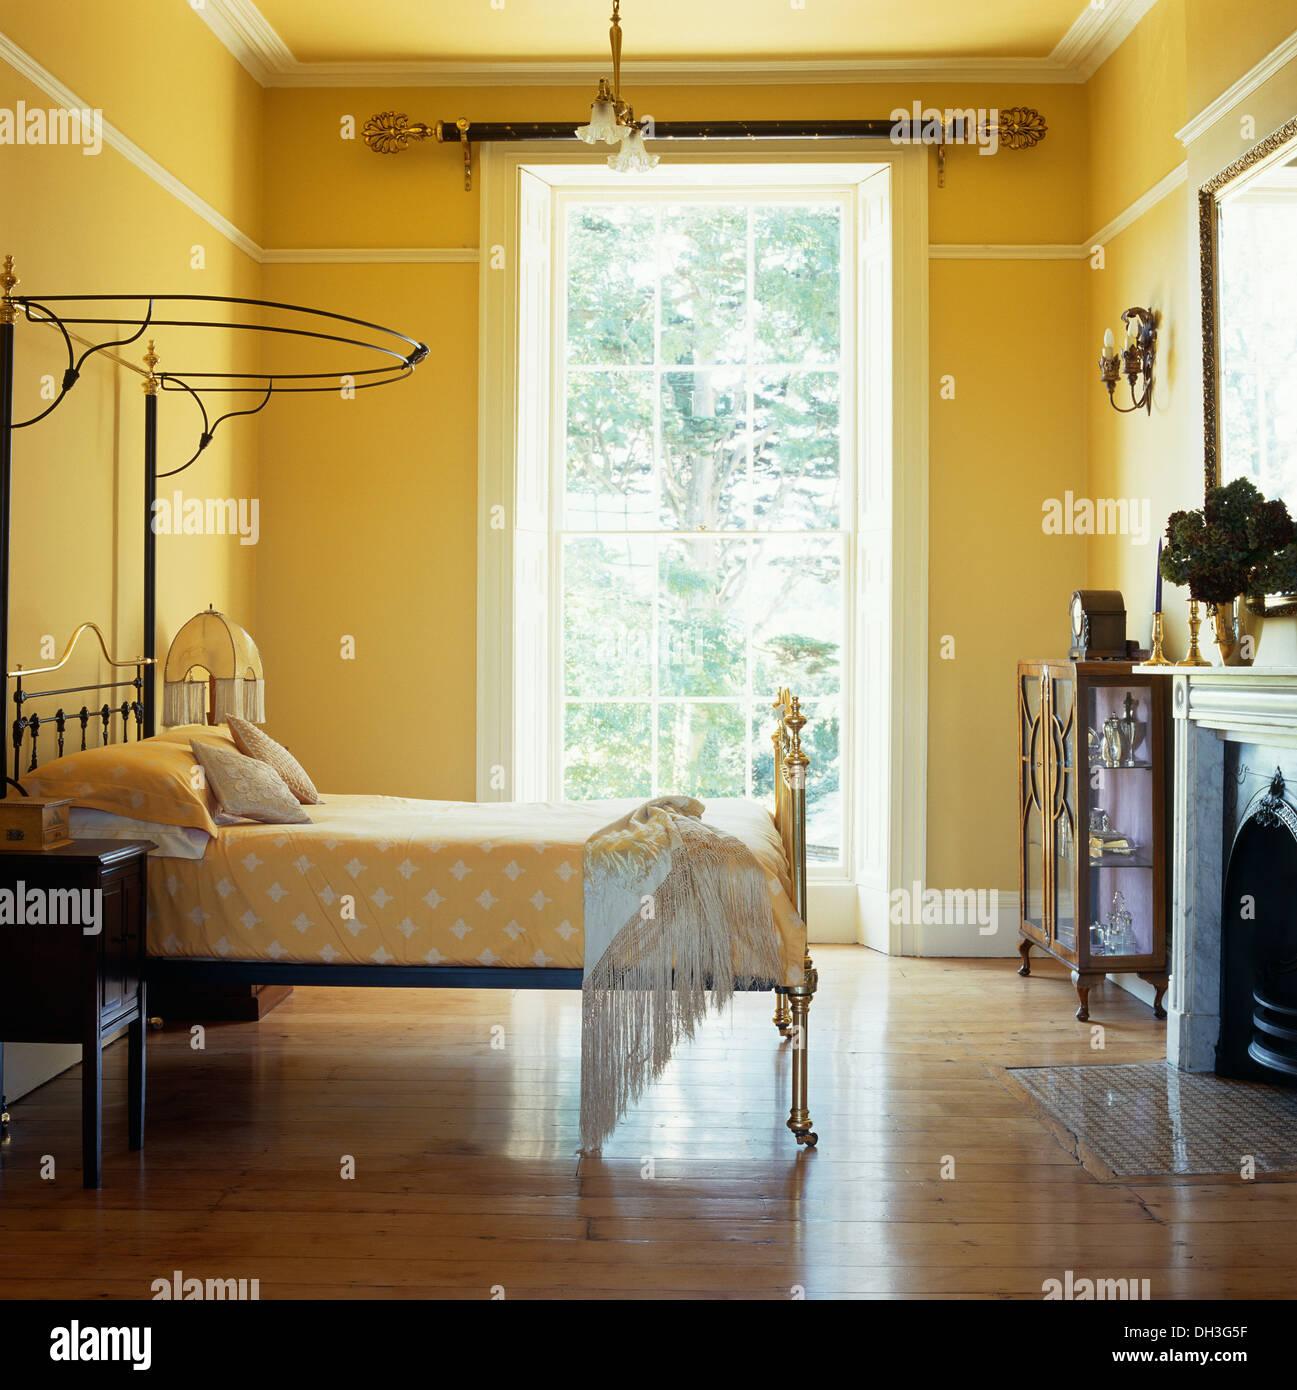 messing antik halbe tester bett mit blass orange bettw sche in gelb reihenhaus schlafzimmer mit. Black Bedroom Furniture Sets. Home Design Ideas